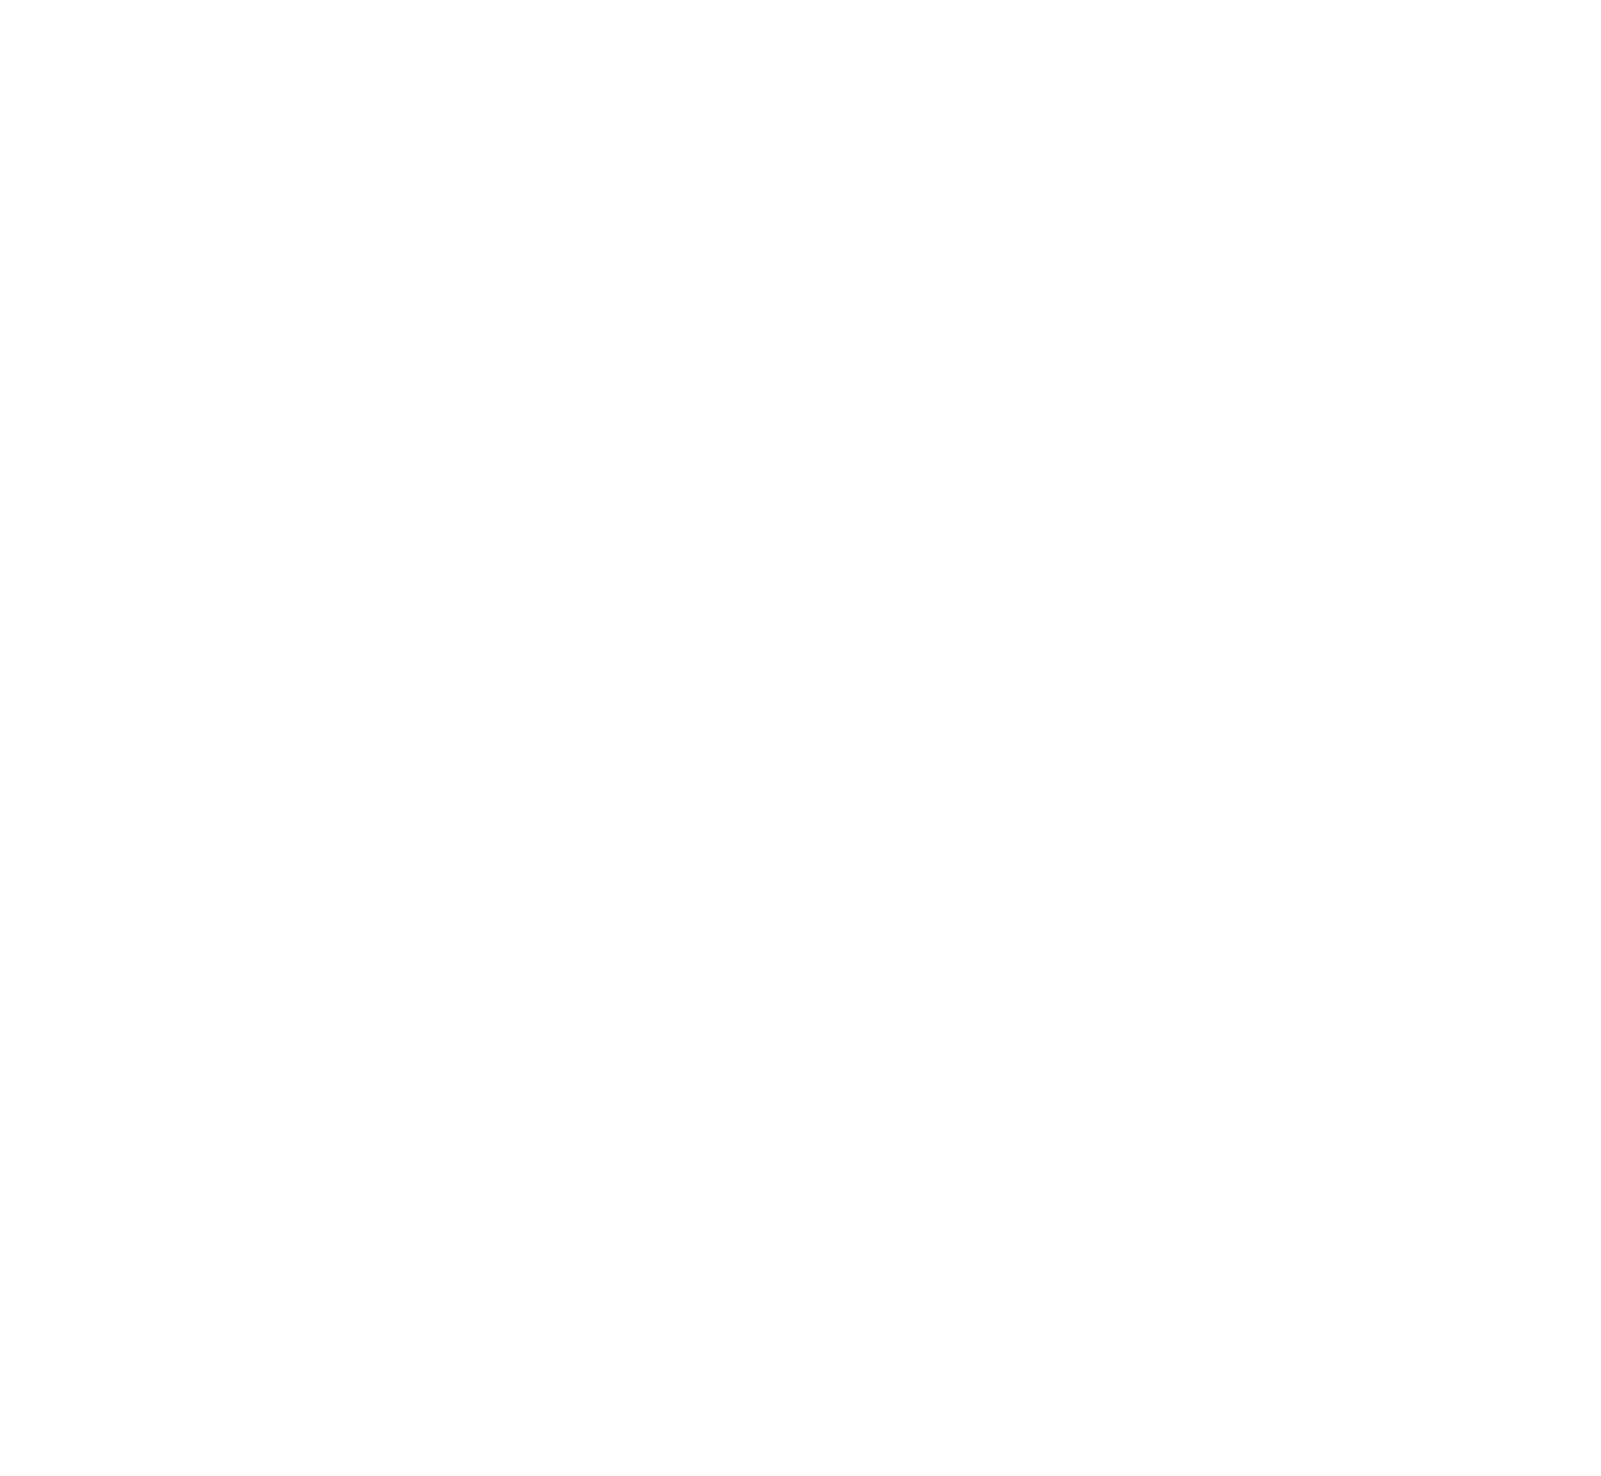 horloge illustrant l'installation d'une douche sécurisée en 24 heures